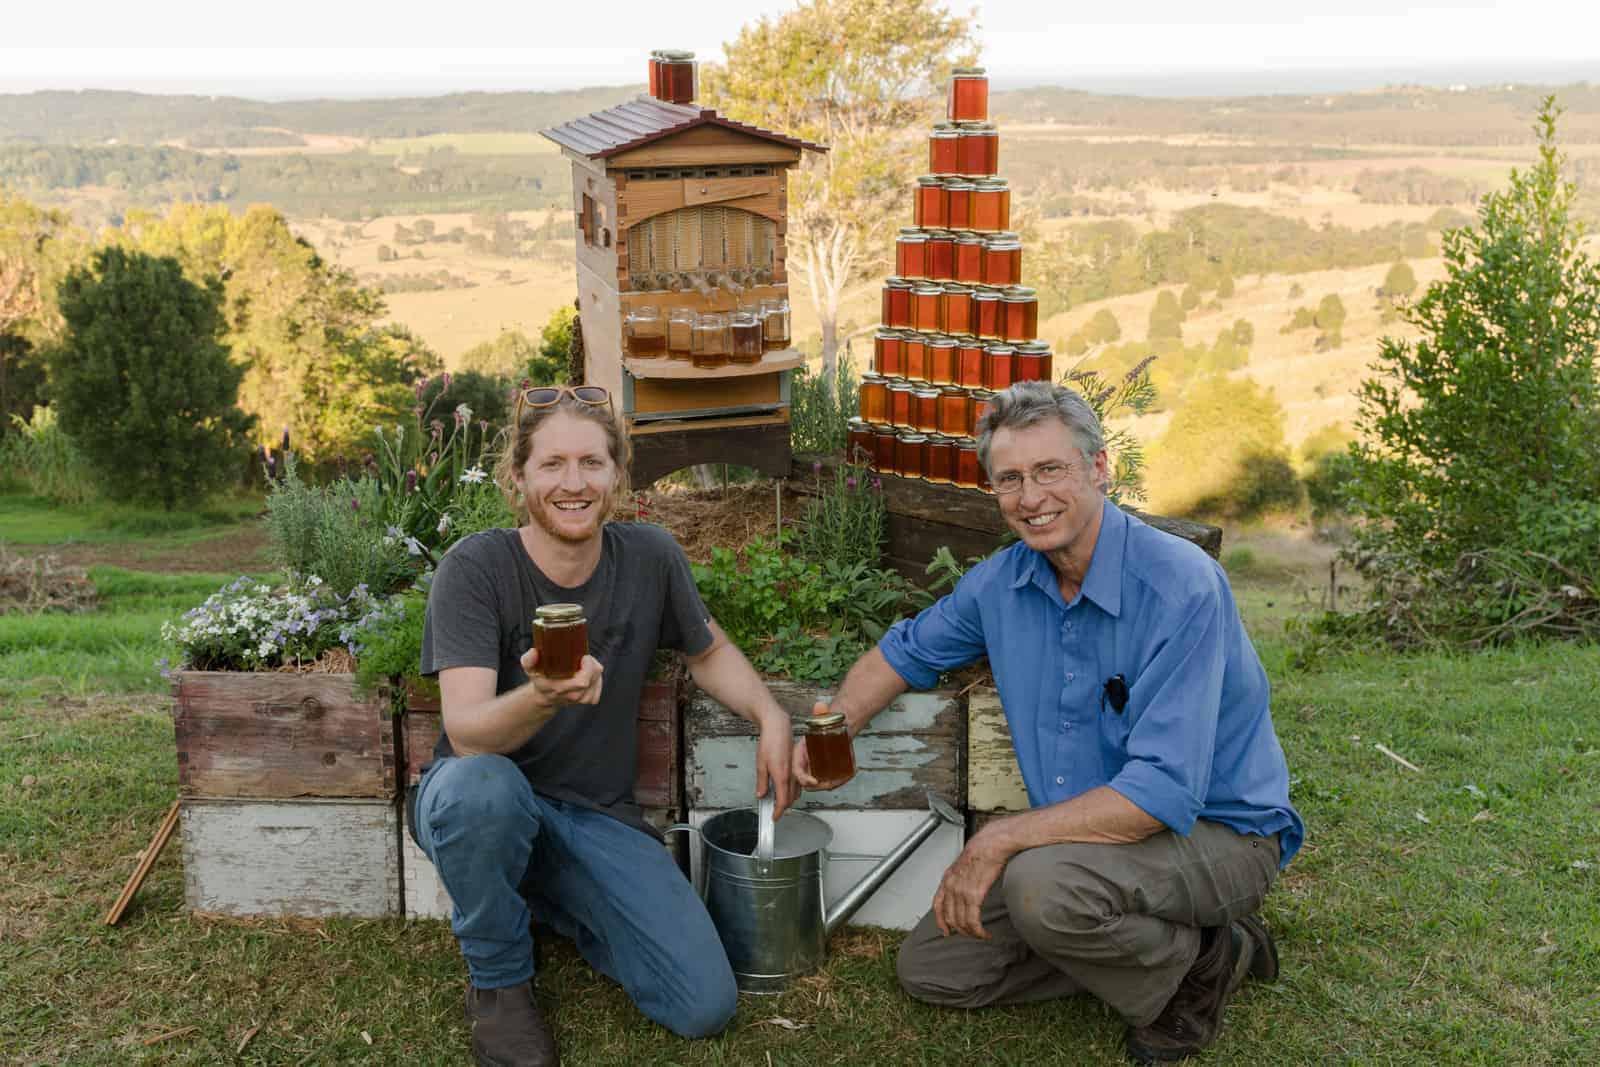 , Flow Hive – Les ruches intelligentes pour récolter le miel sans gêner les abeilles, Made in Marseille, Made in Marseille